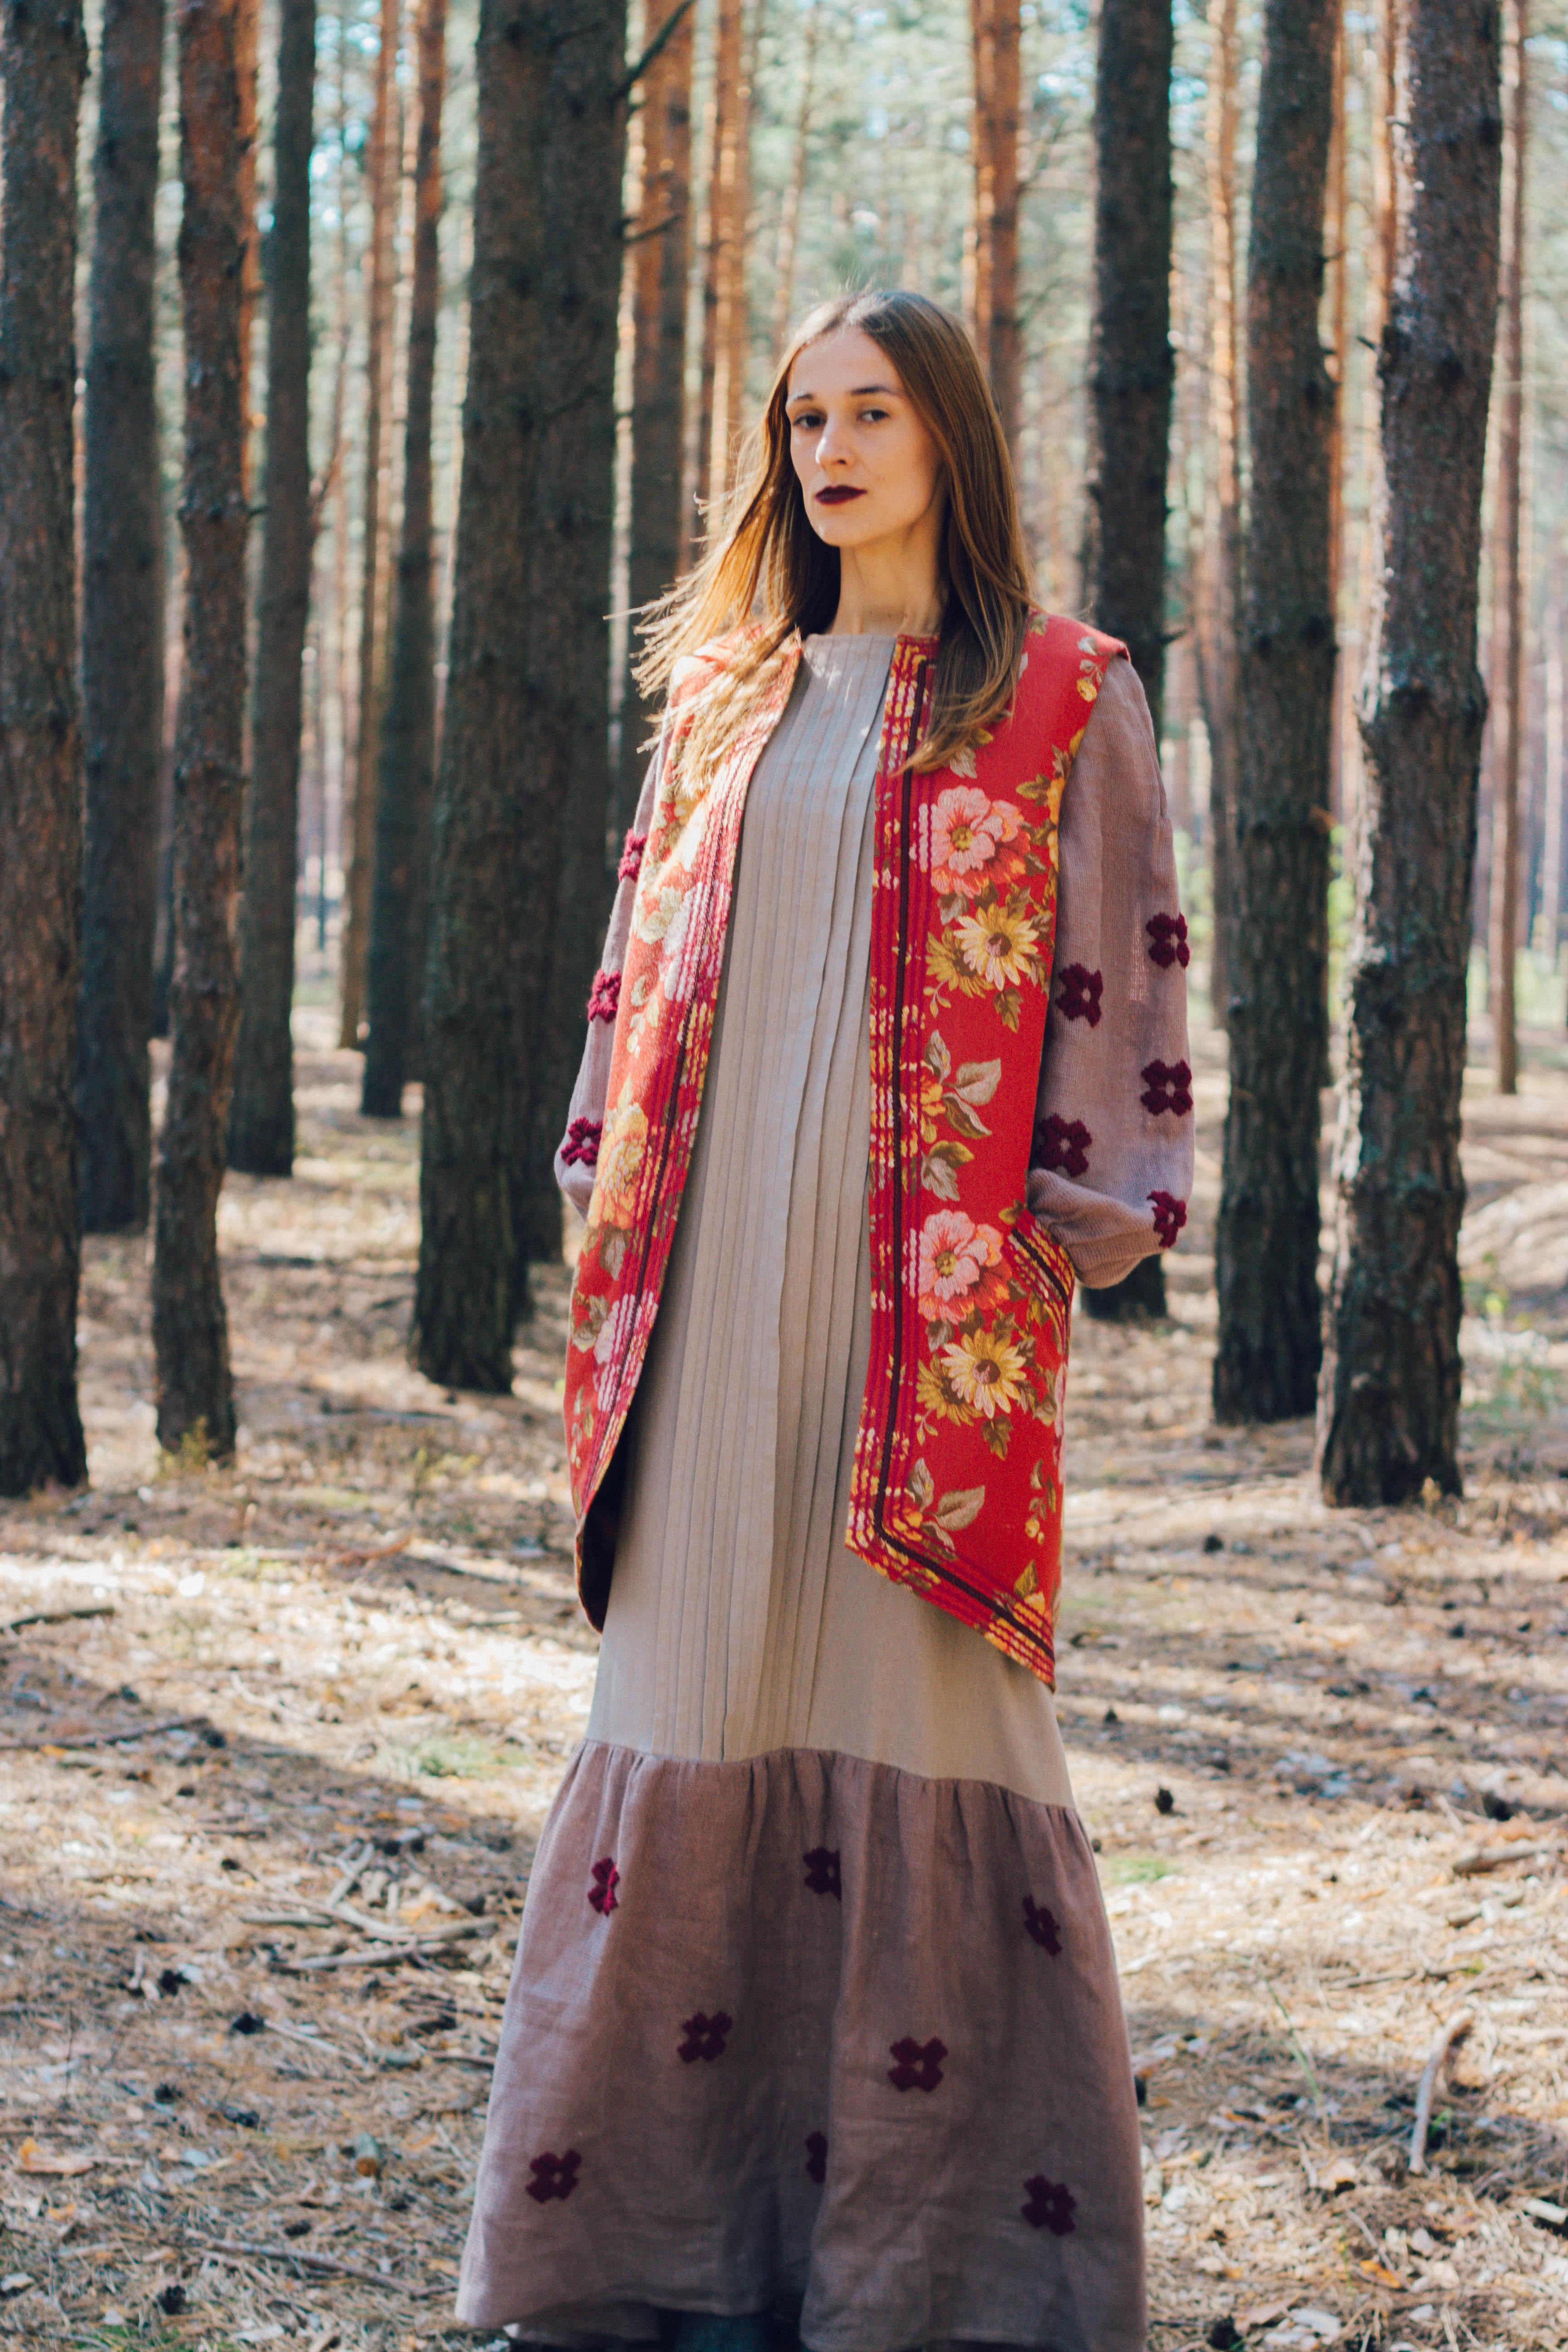 ... однією з характерних рис українського традиційного костюму є  багатошаровість e778853fcde54